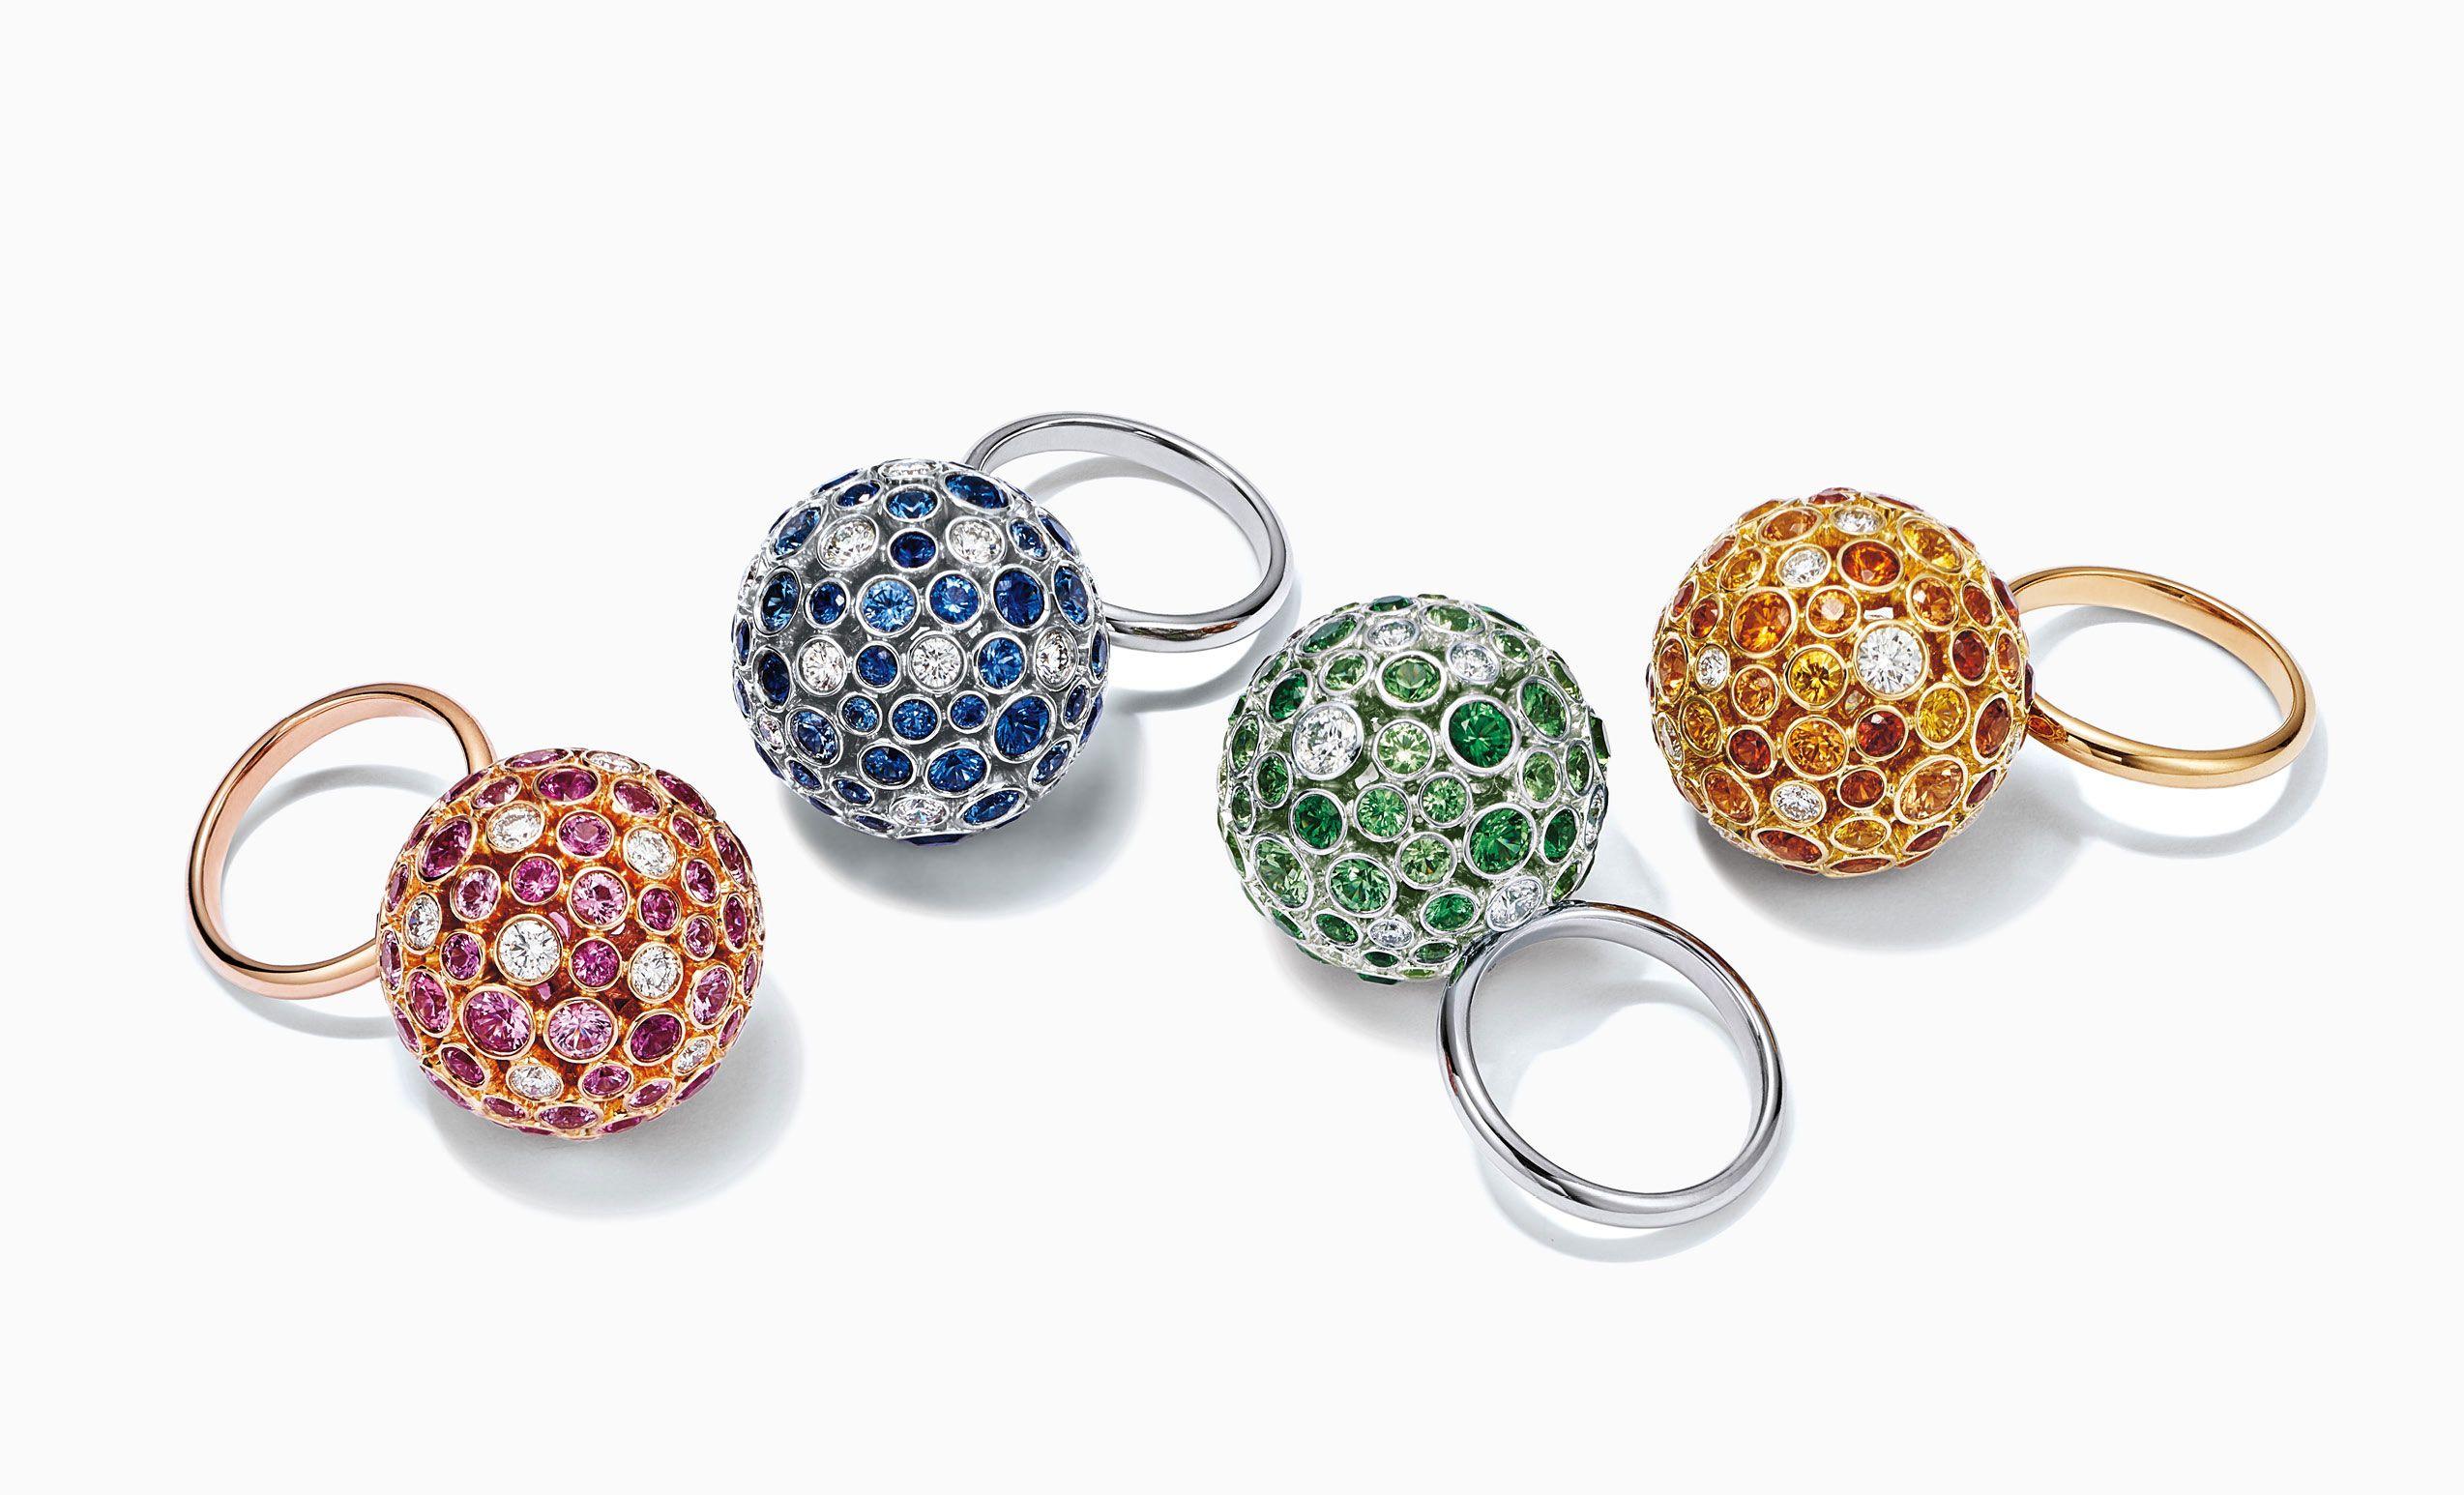 Tiffany Prism anillos Orb: Vibrantes gemas iluminan estos coloridos y magníficos anillos. Anillo en oro rosa de 18 quilates con zafiros rosas y diamantes; anillo en platino con zafiros y diamantes; anillo en platino con tsavoritas y diamantes; y anillo en oro de 18 quilates con zafiros amarillos, spessartites y diamantes.